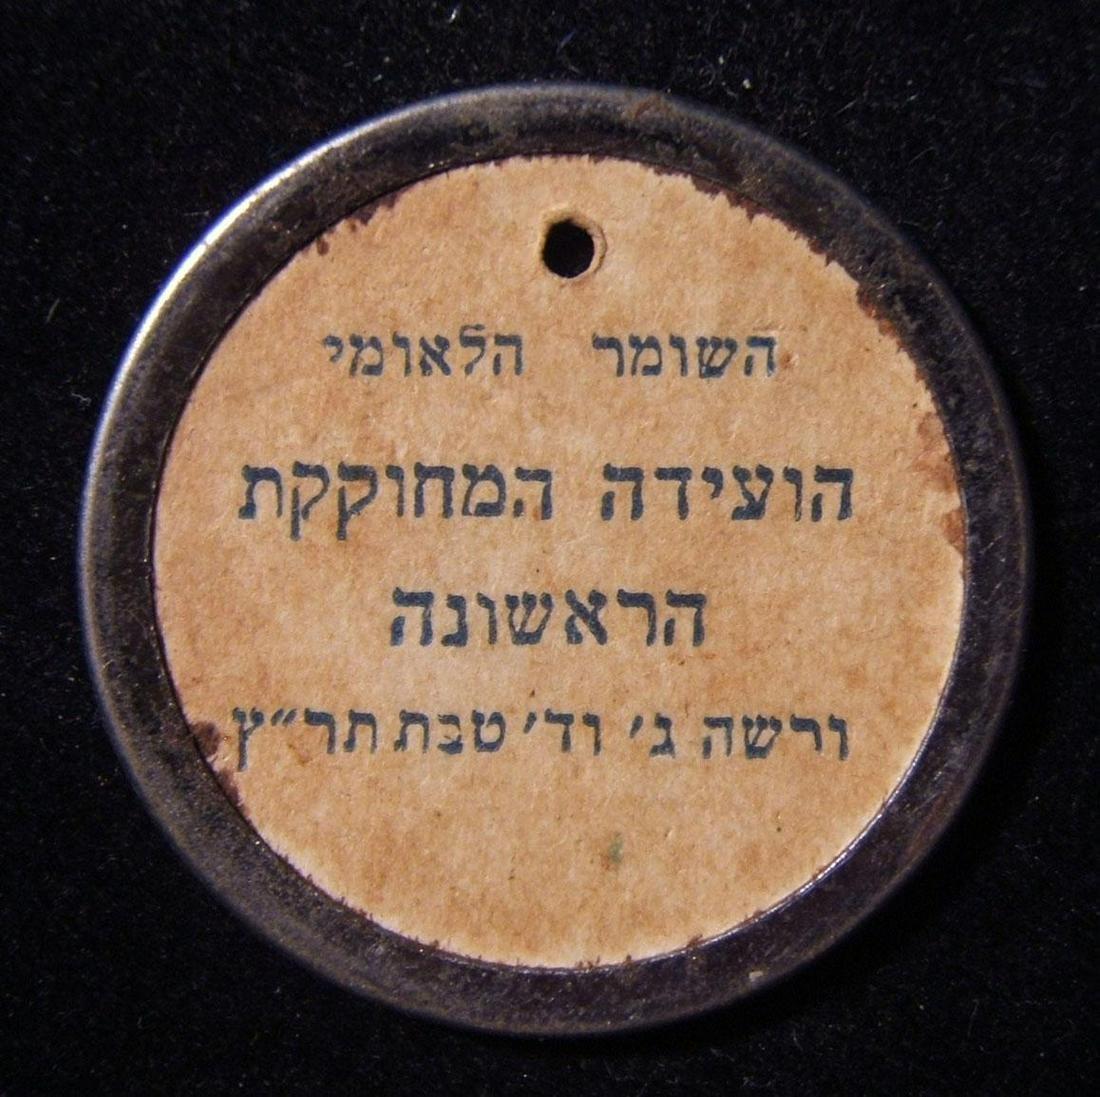 Polish Judaica HaShomer HaLeumi Zionist youth movement